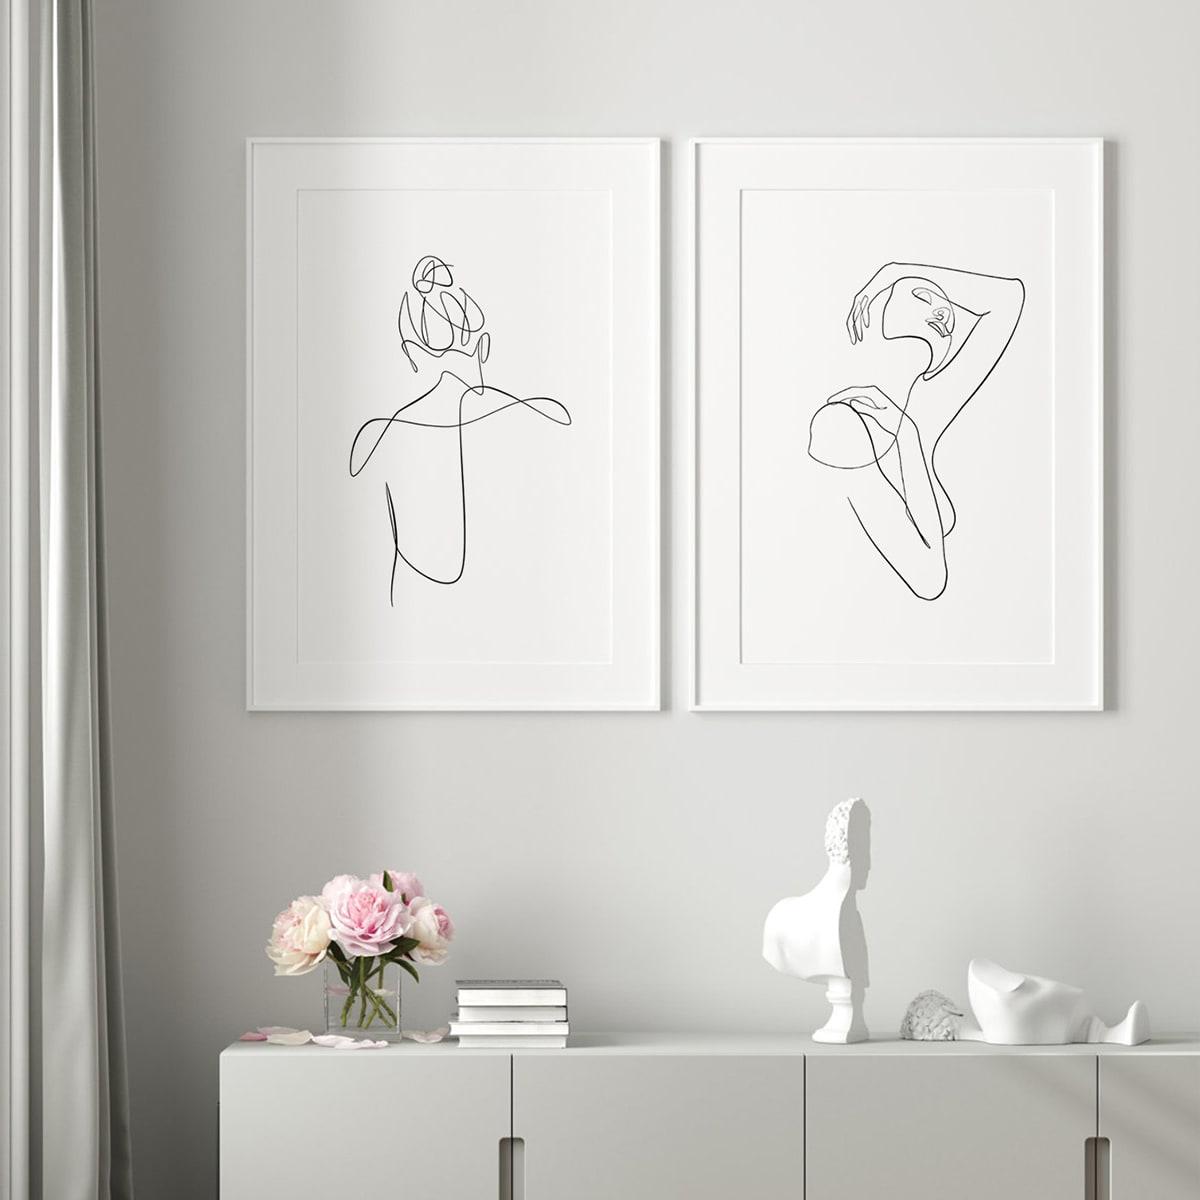 2 Stücke ungerahmte Malerei mit Figur Grafik